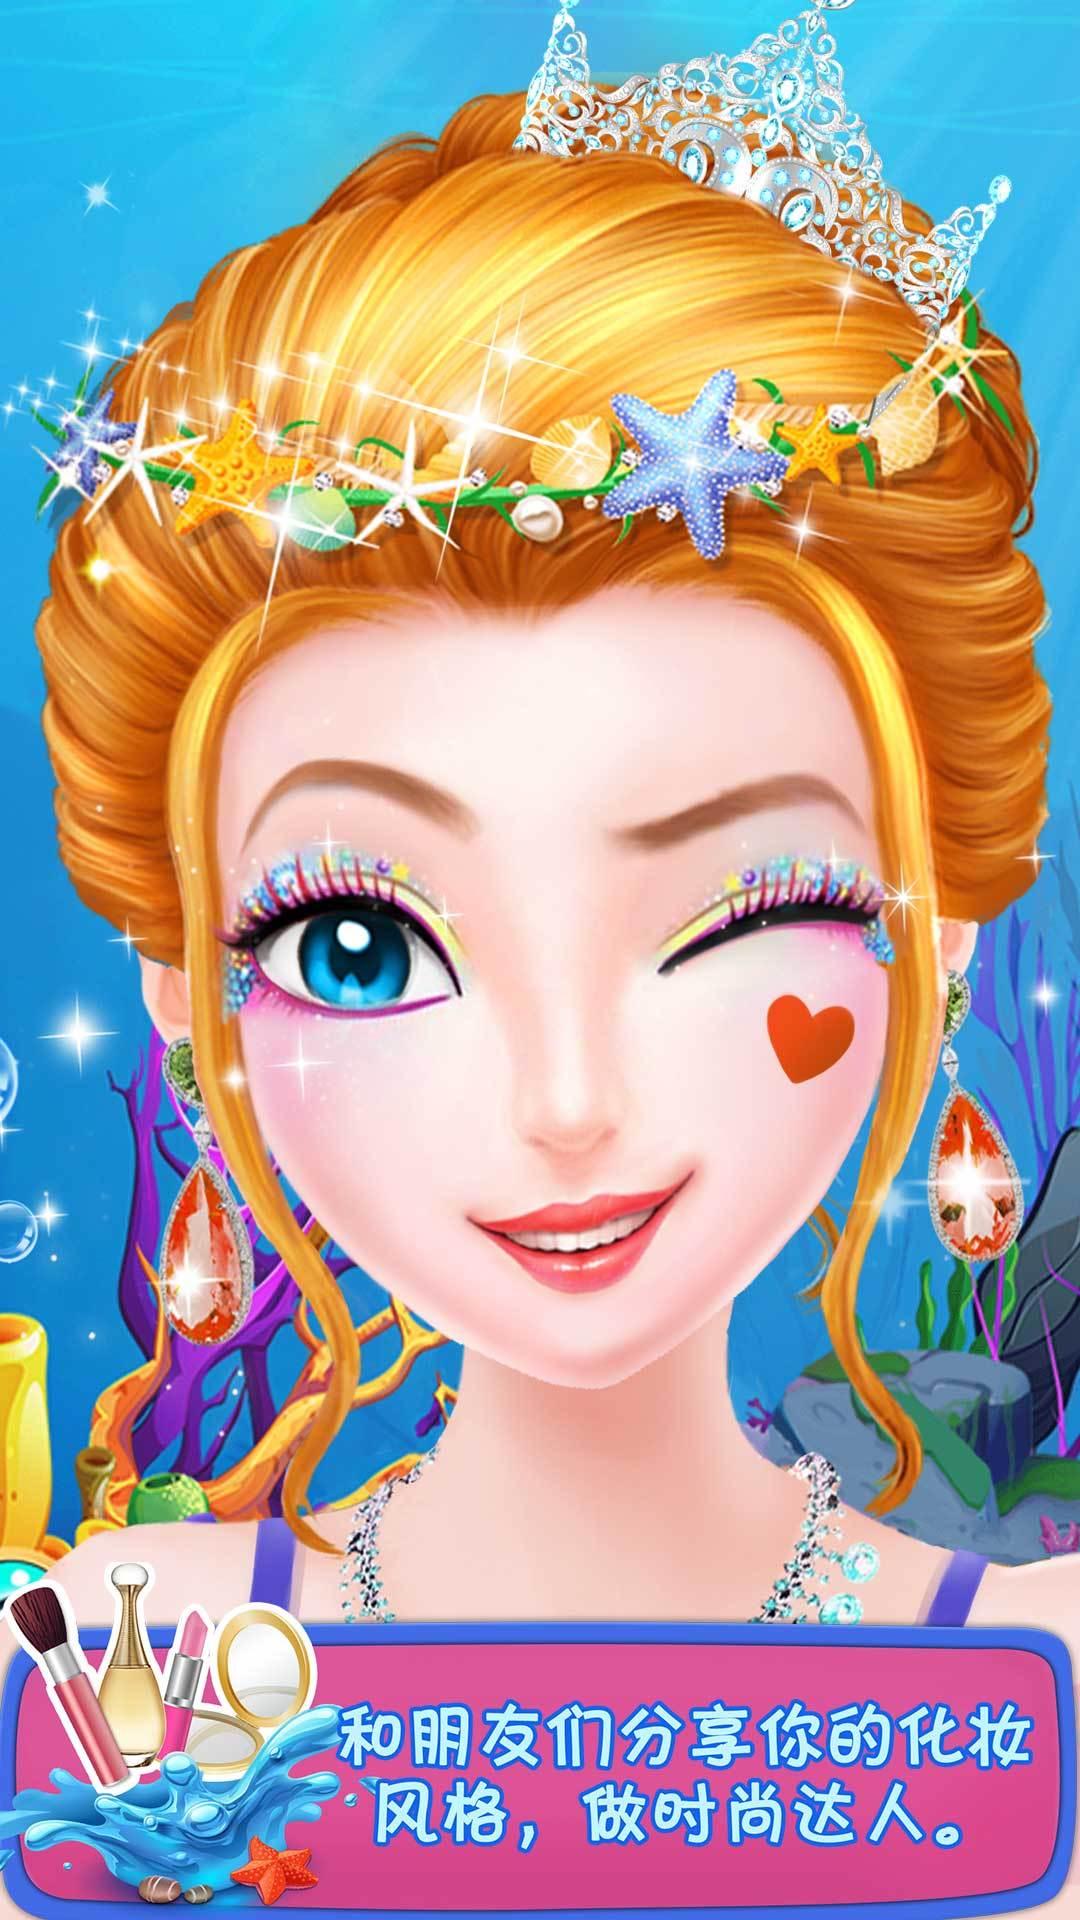 美人鱼公主软件截图3